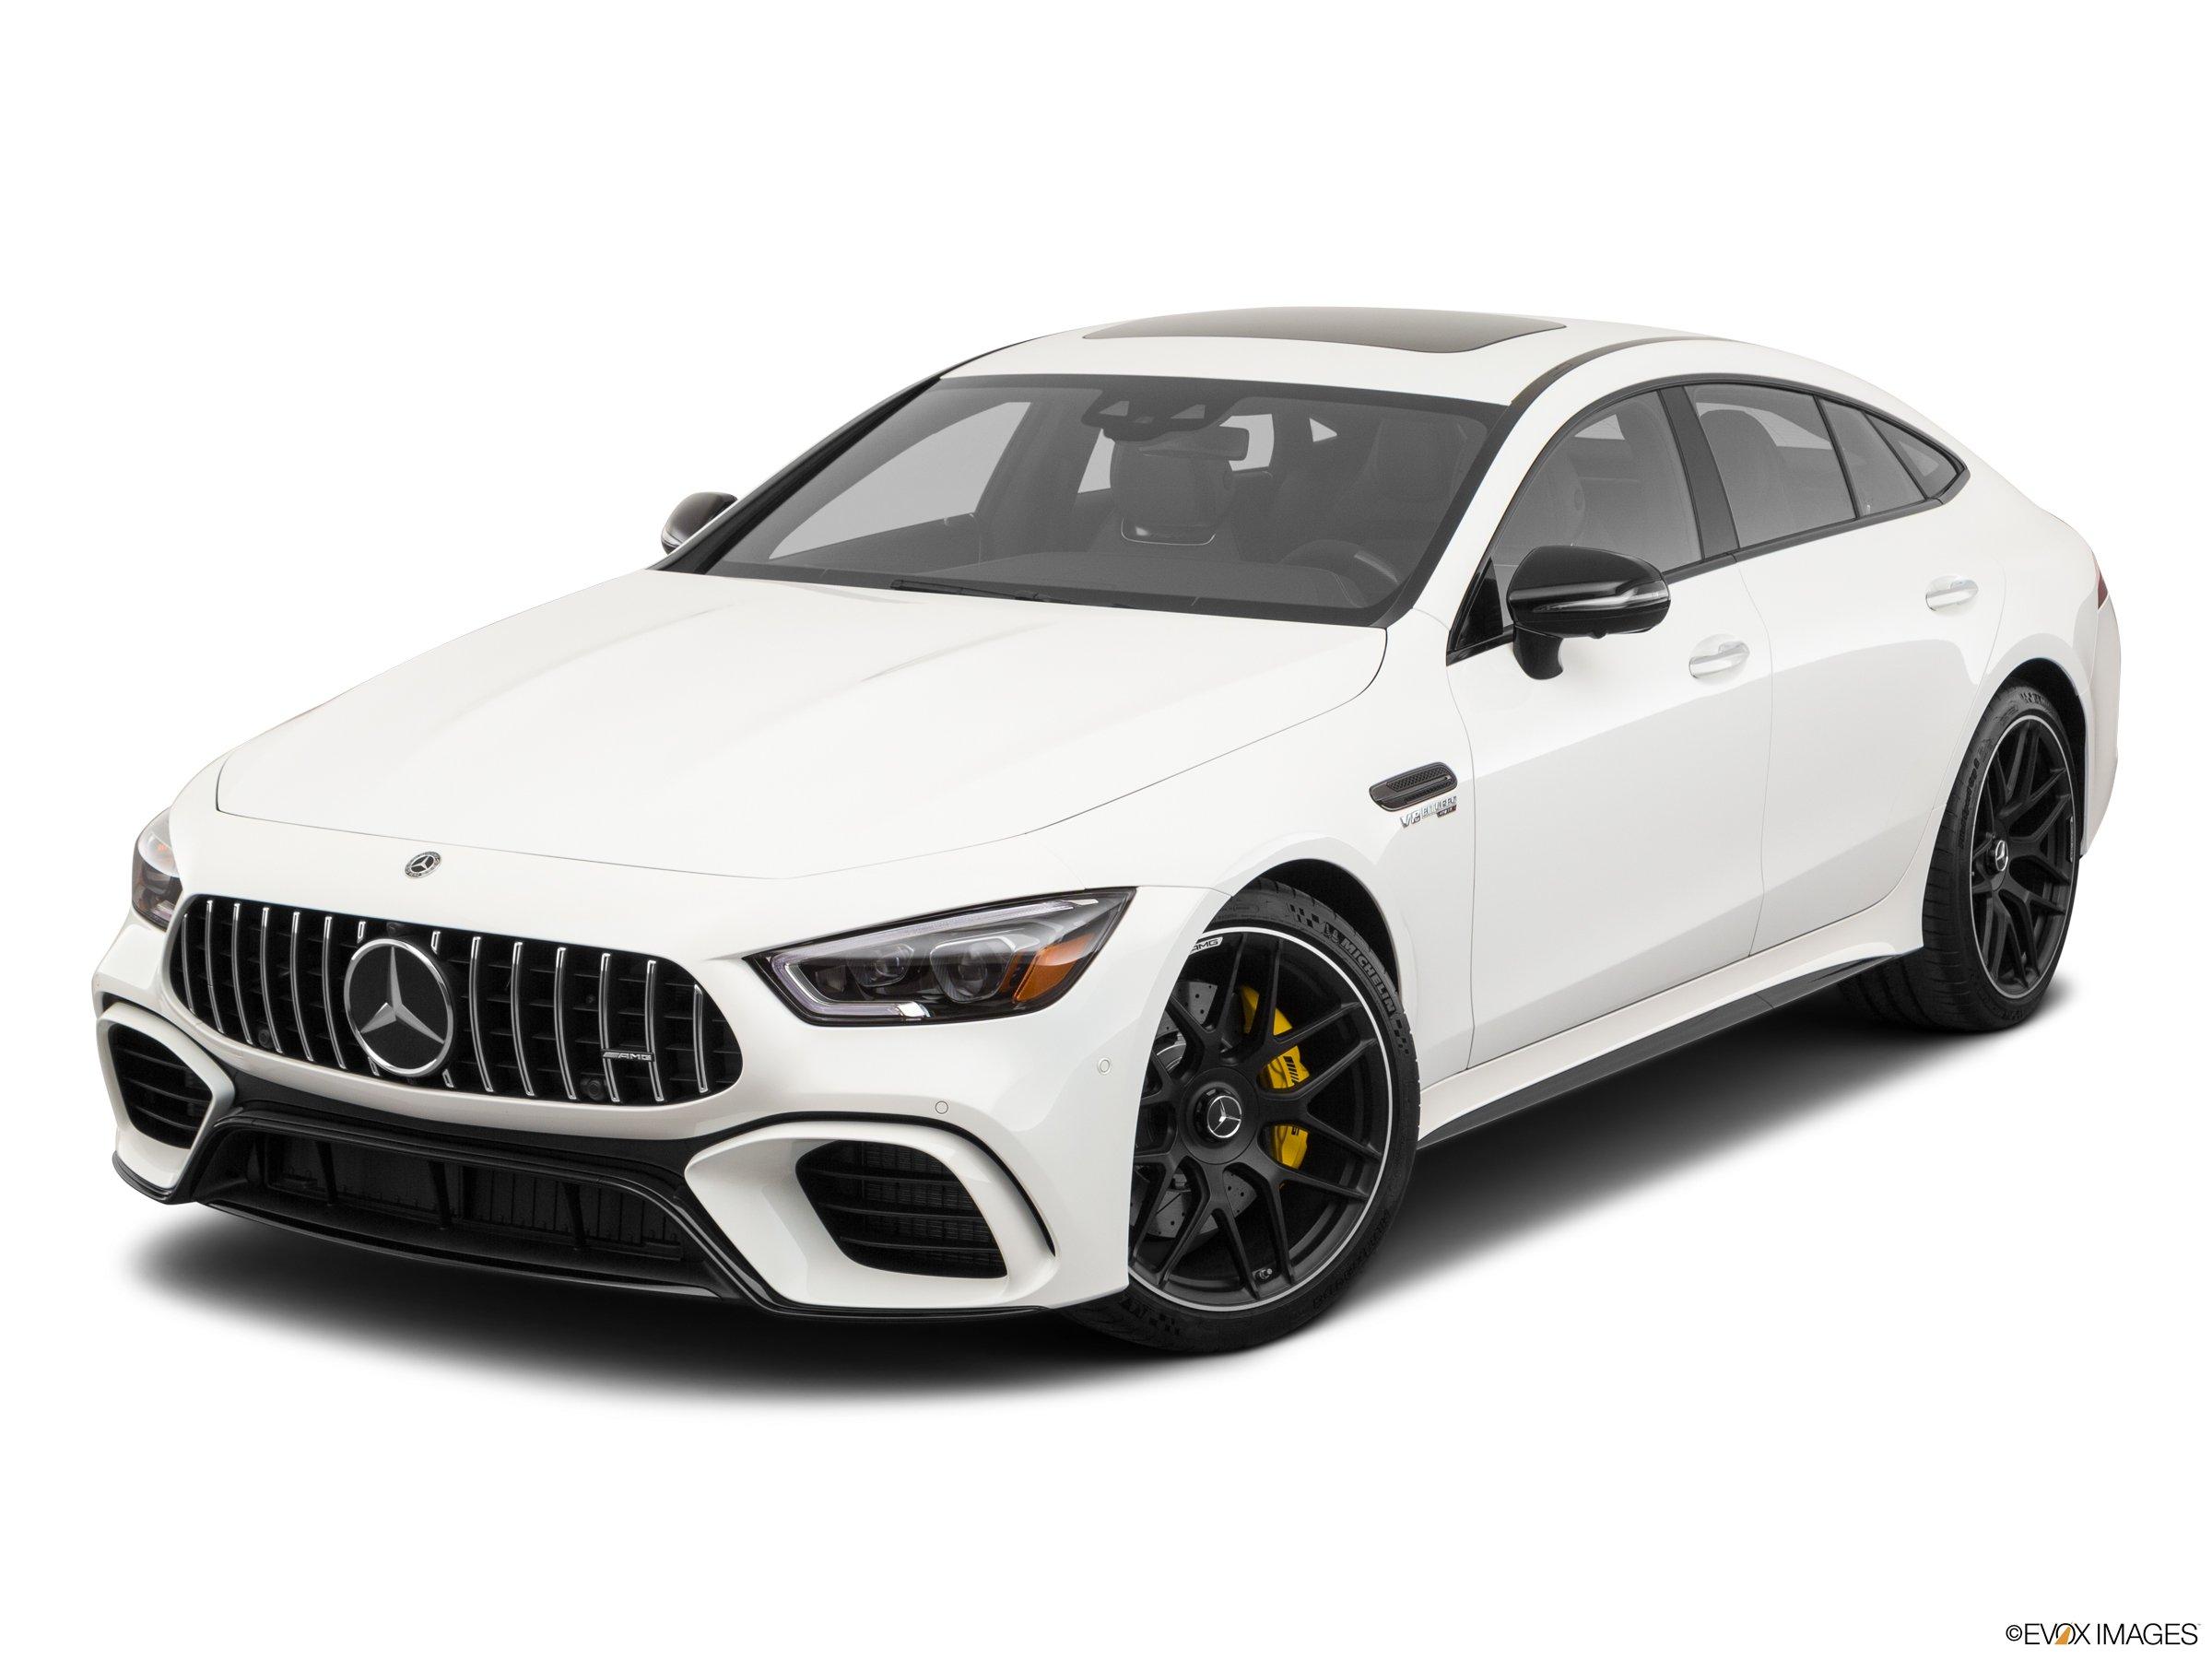 2020 Mercedes-Benz AMG GT AMG GT 63 AWD sedan